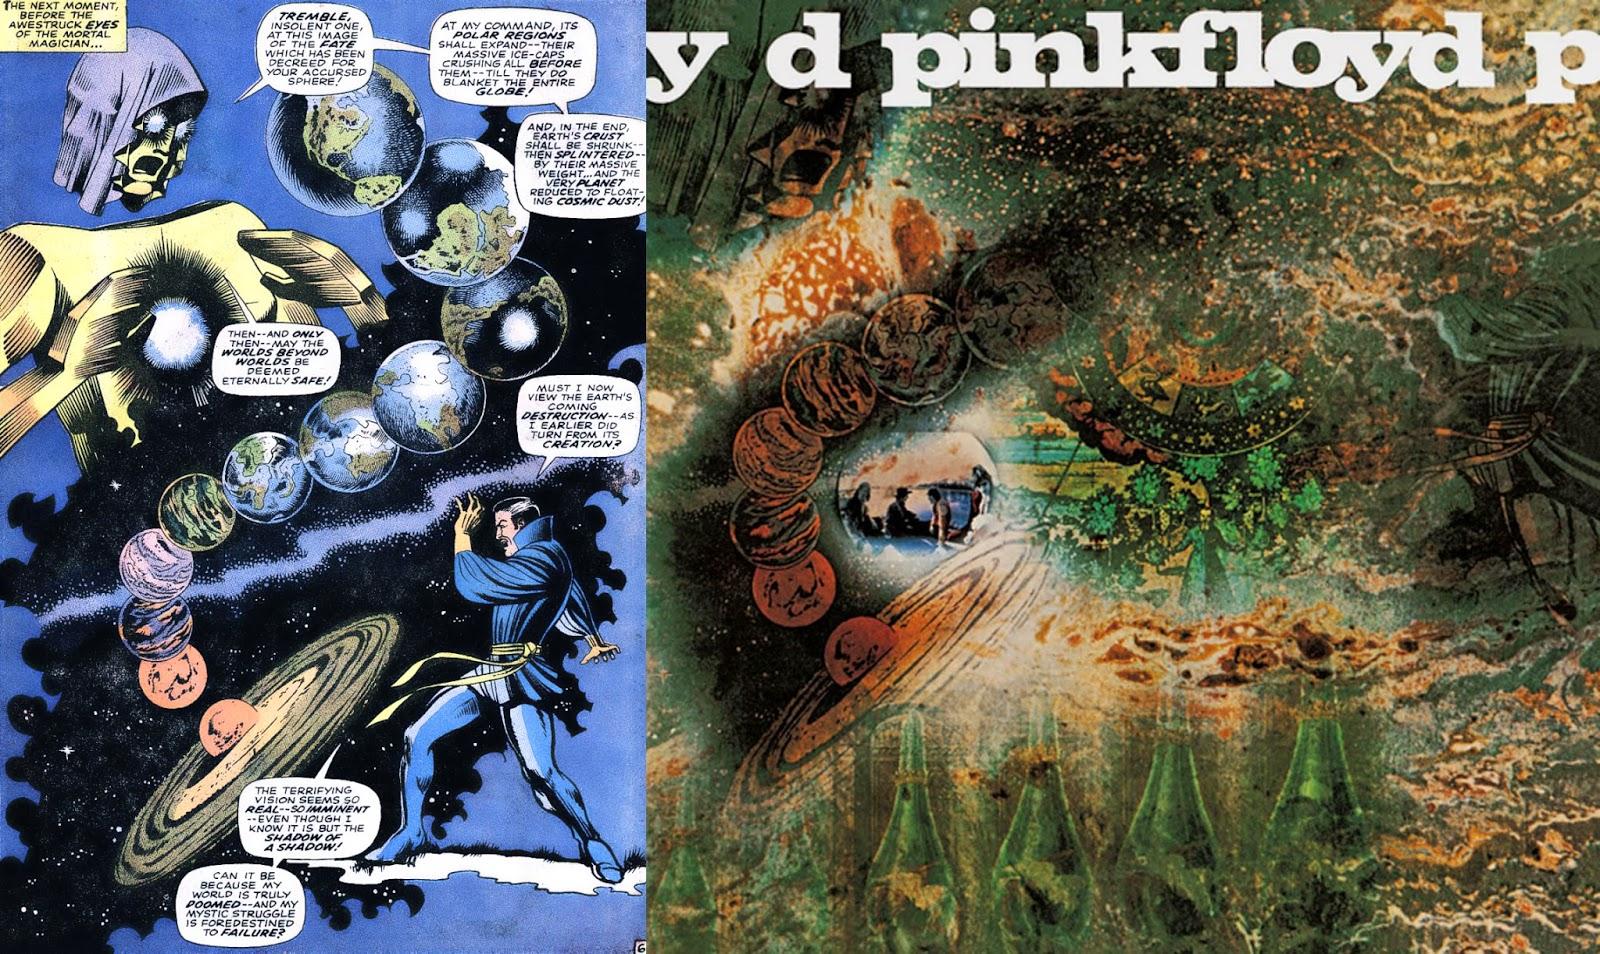 [Pelicula] Dr. Strange - Página 2 Doctor_strange_pink_floyd